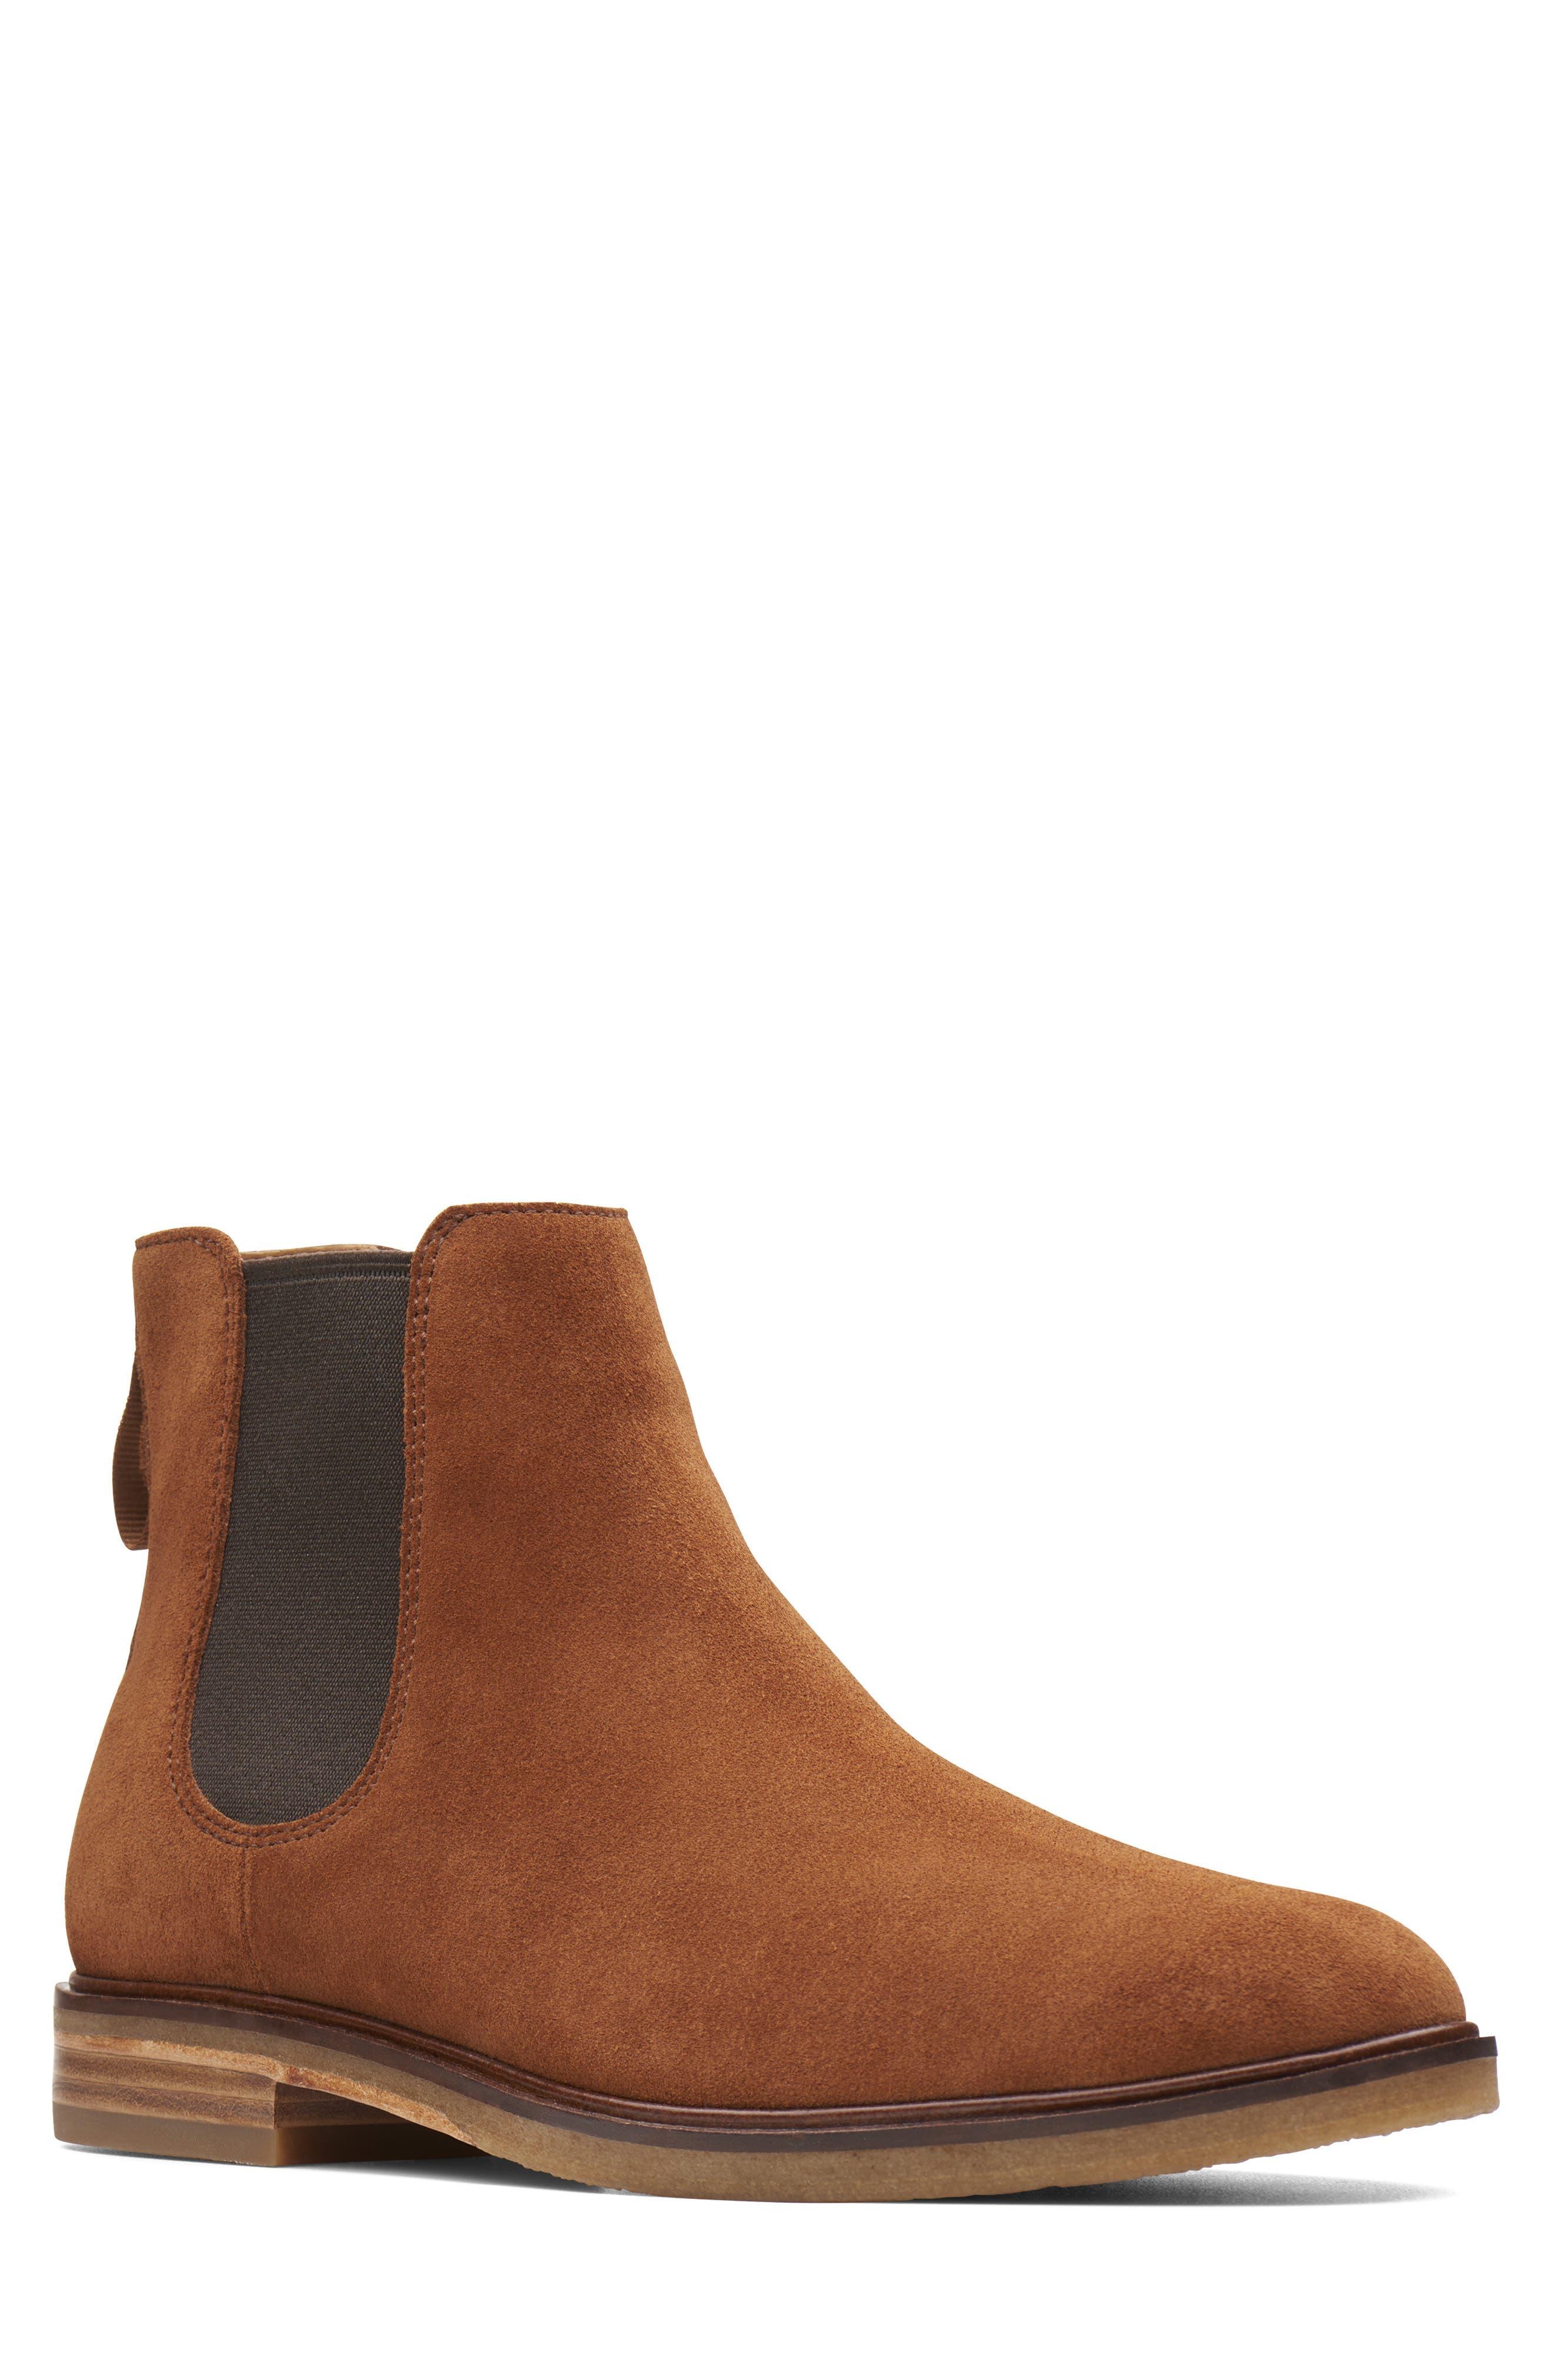 Clarkdale Gobi Chelsea Boot,                         Main,                         color, DARK TAN SUEDE